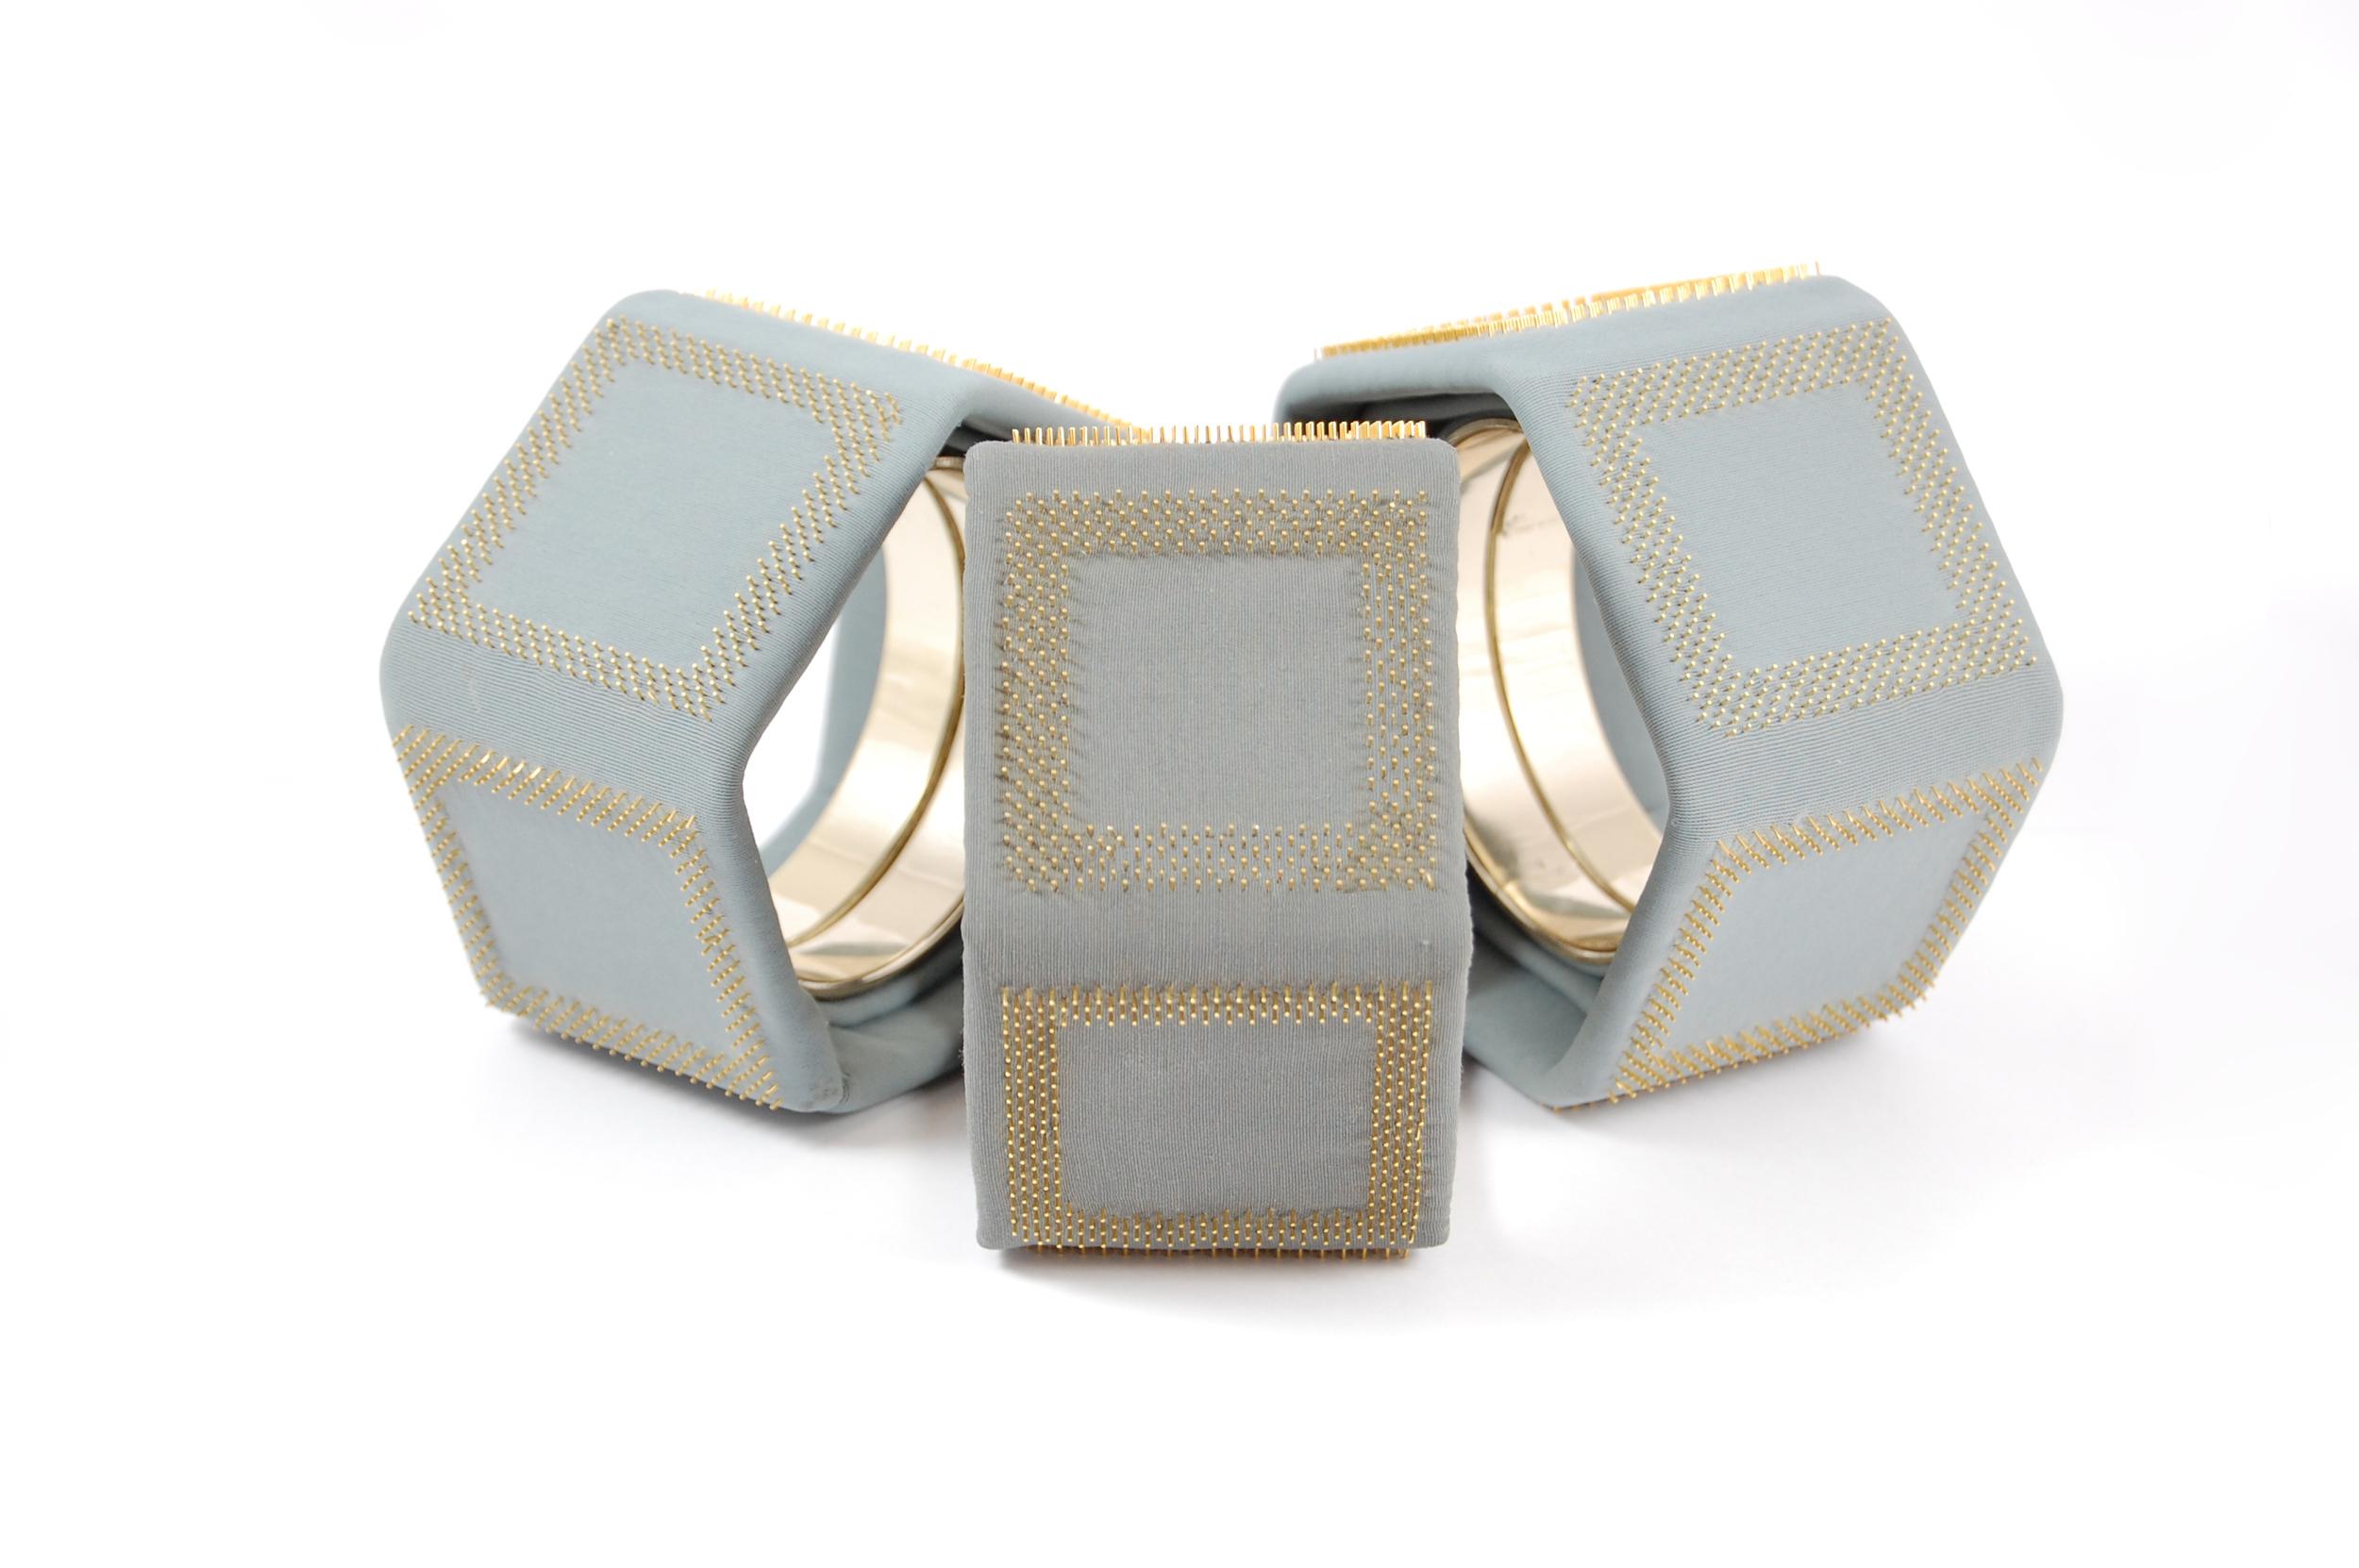 teal-cpu-Bangles-Cuffs-Gold-Metal-Isabel-Wong.jpg